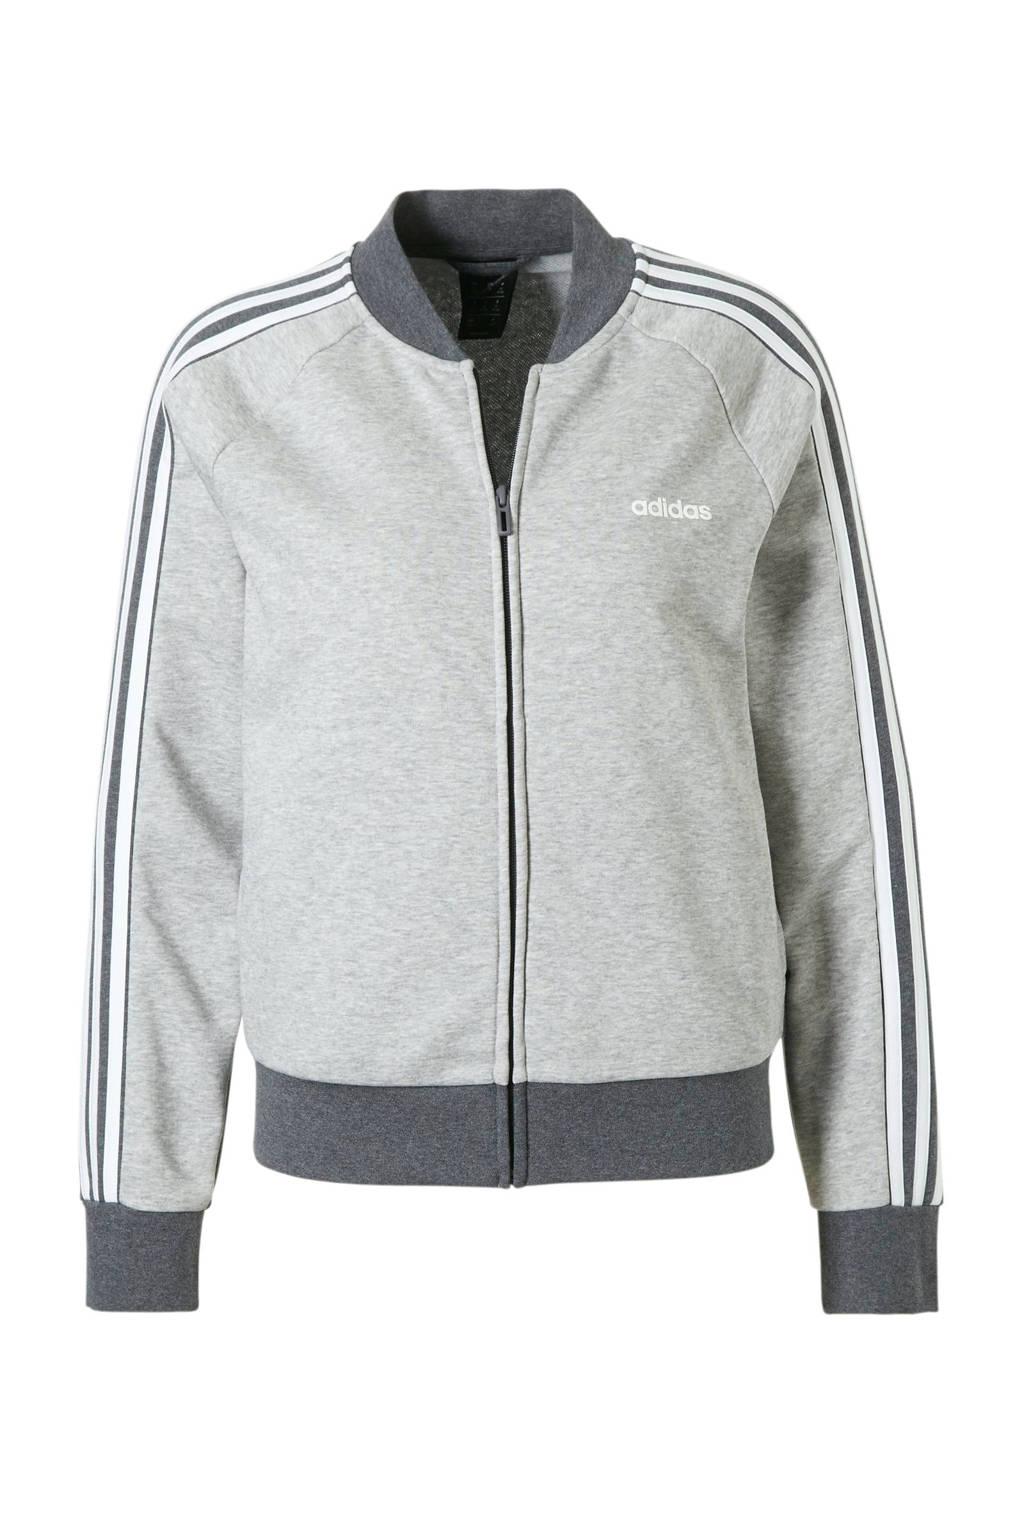 adidas performance sportvest grijs/antraciet, Grijs melange/antraciet/wit